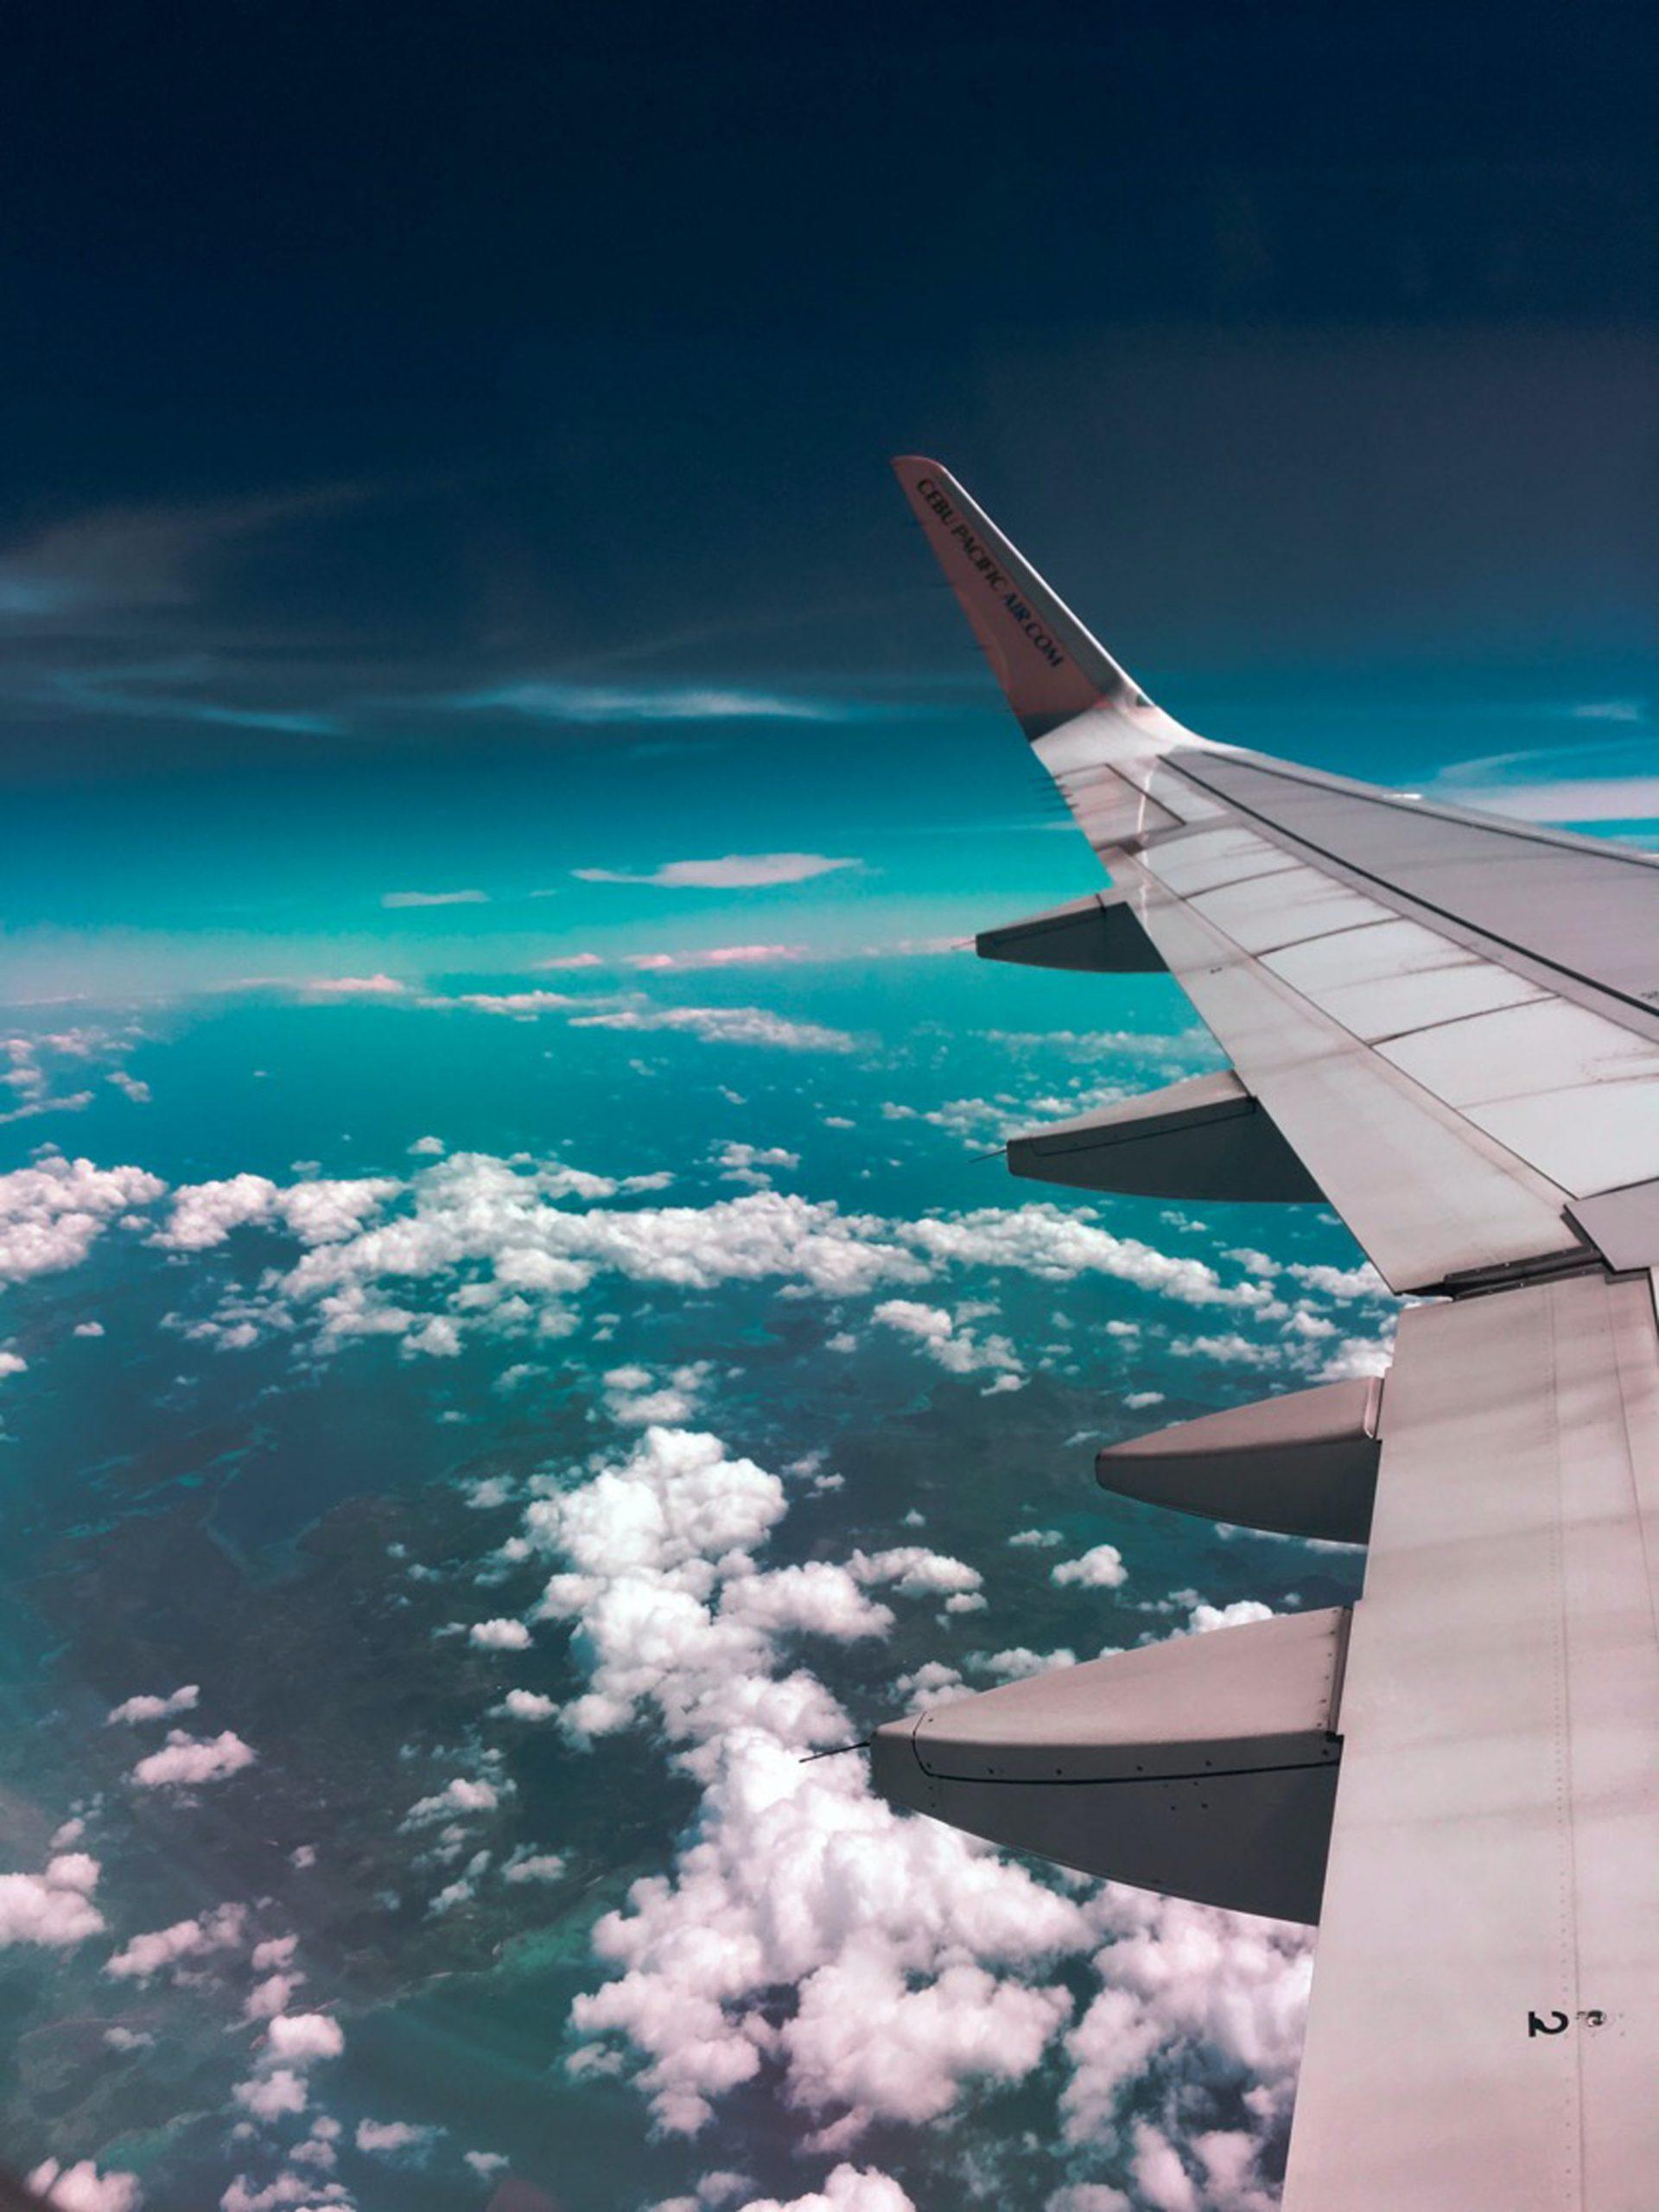 Comment bien préparer son vol long-courrier?